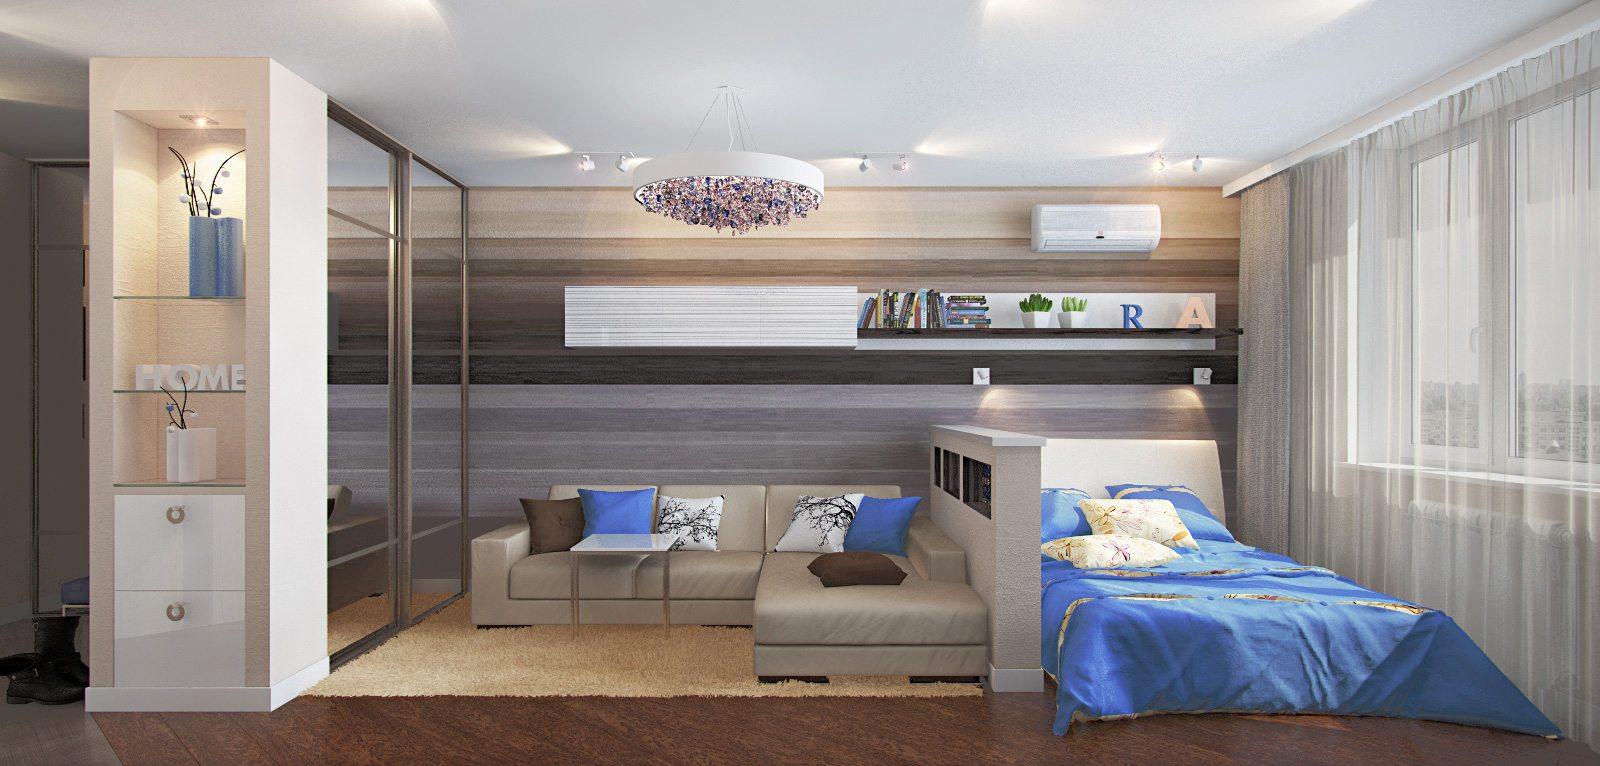 Дизайн комнаты 18 кв.м спальня и детская